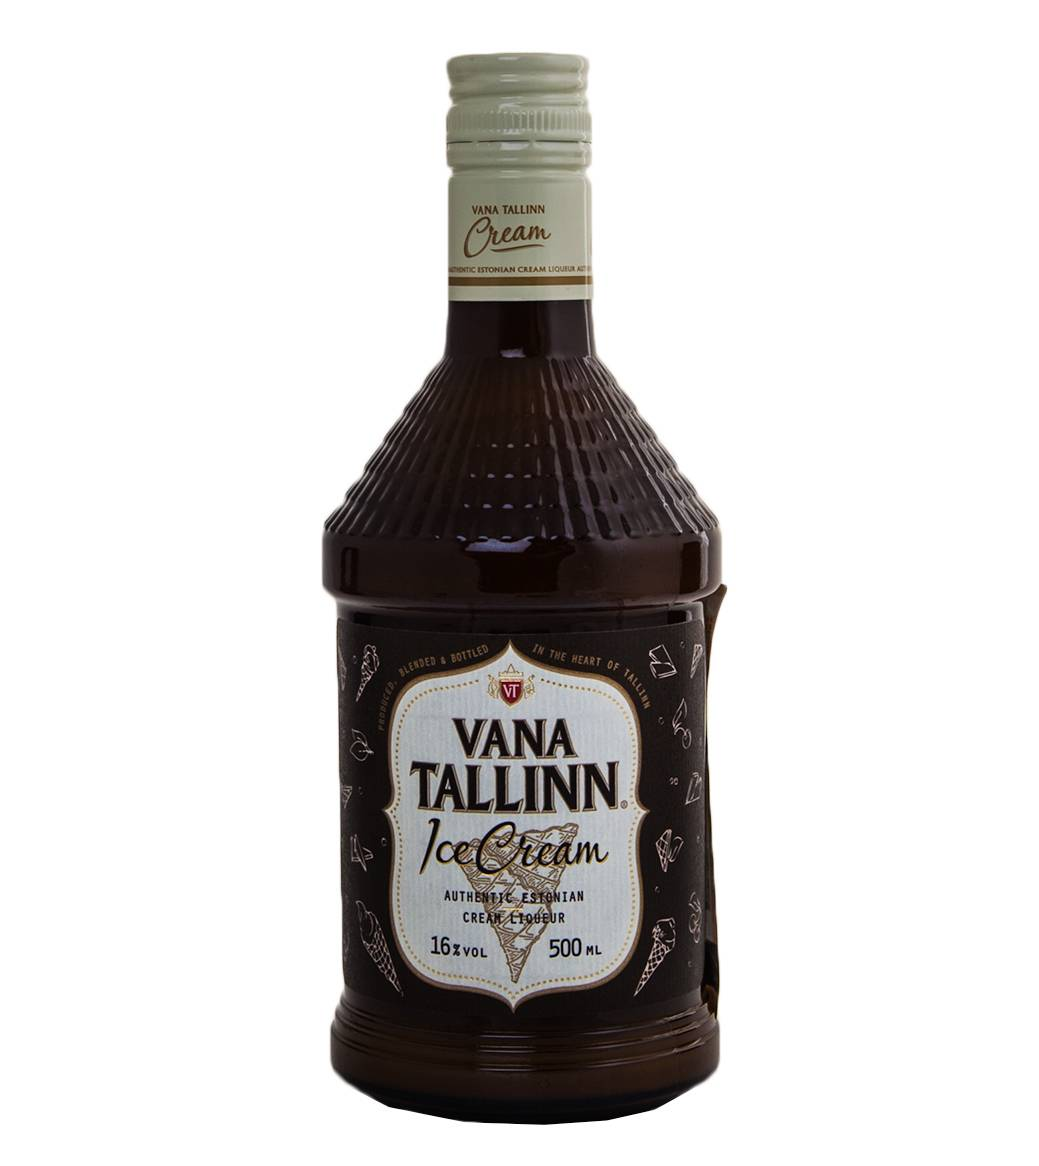 Ликер вана таллин в домашних условиях: состав. узнаем как и с чем пить ликер вана таллин?